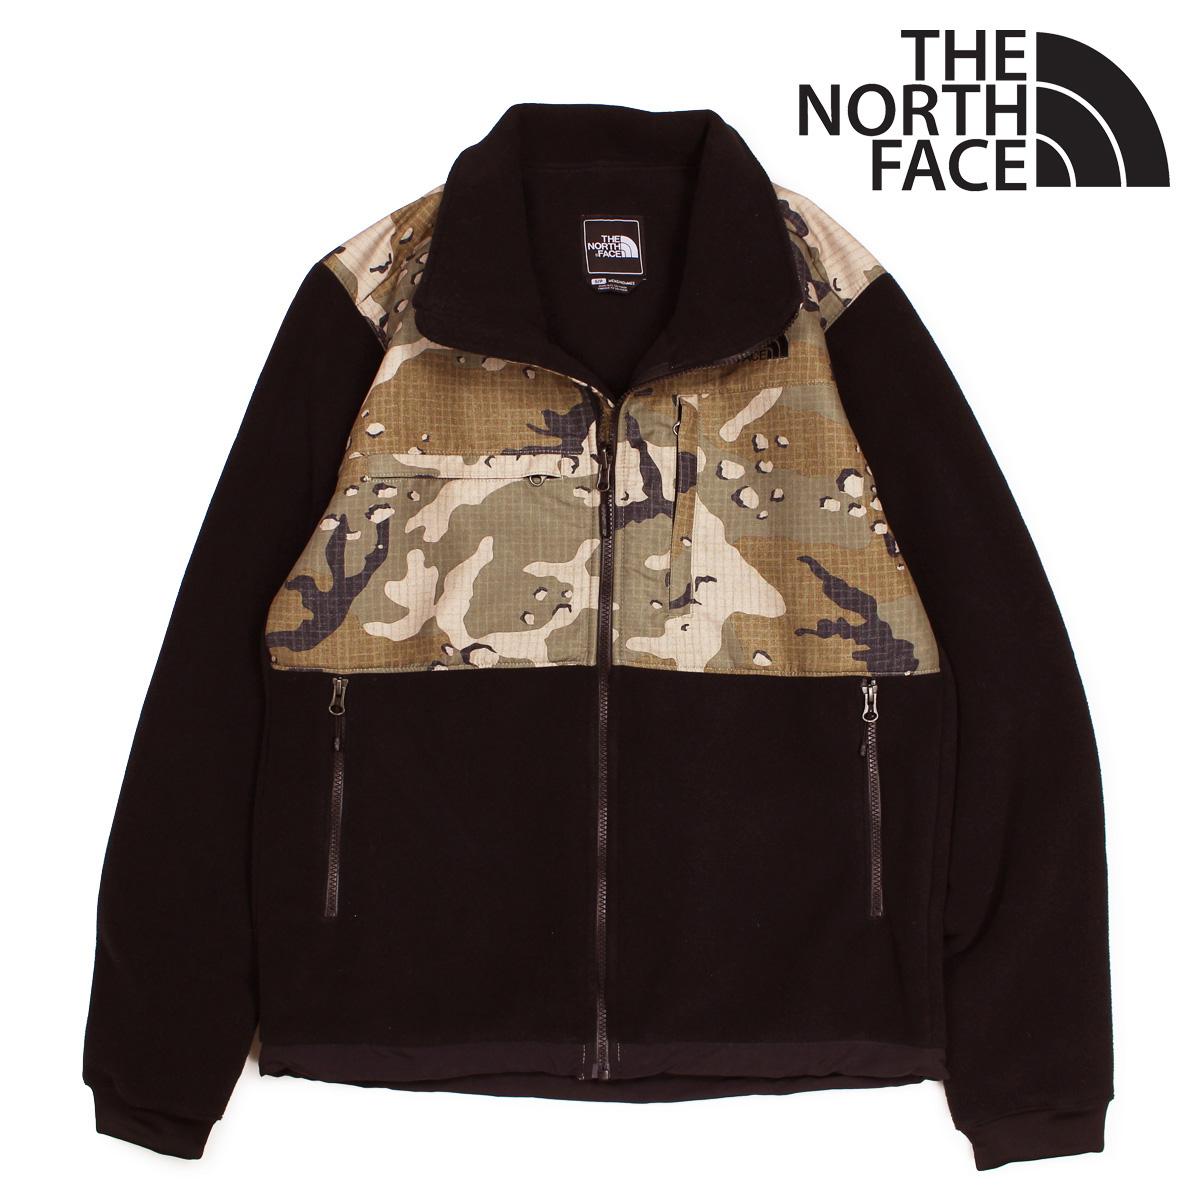 ノースフェイス THE NORTH FACE ジャケット フリースジャケット メンズ MENS DENALI 2 FLEECE JACKET カモ TNF02K4 【決算セール 返品不可】